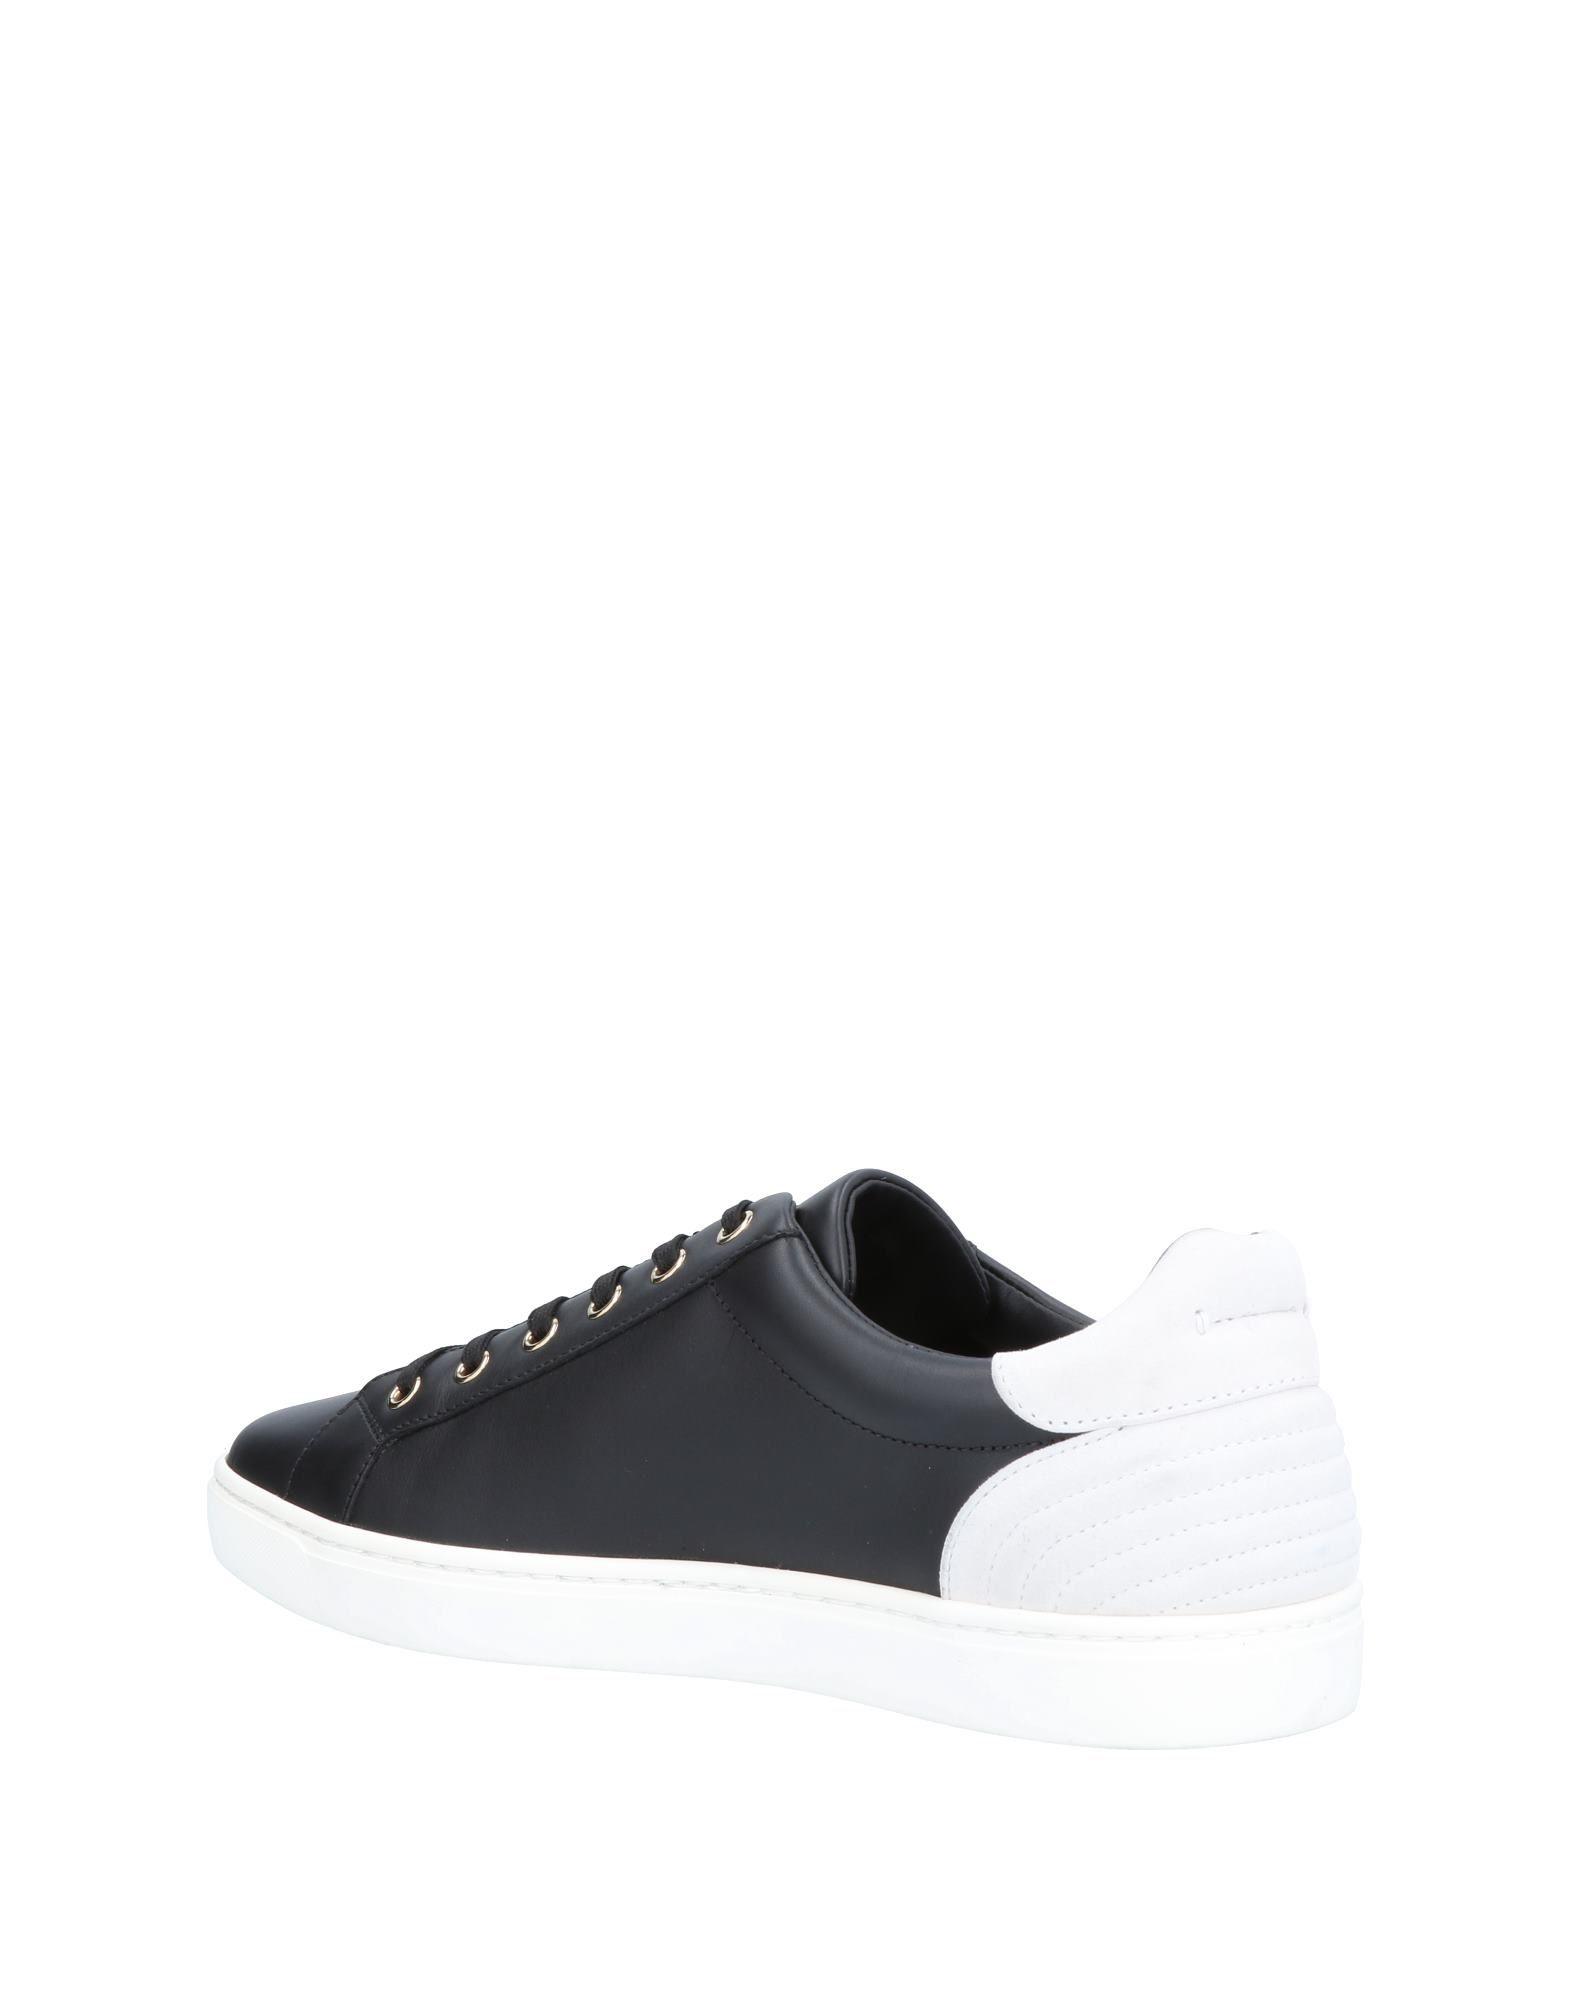 Dolce & Gabbana Sneakers Herren  11490399GD Gute Qualität beliebte Schuhe